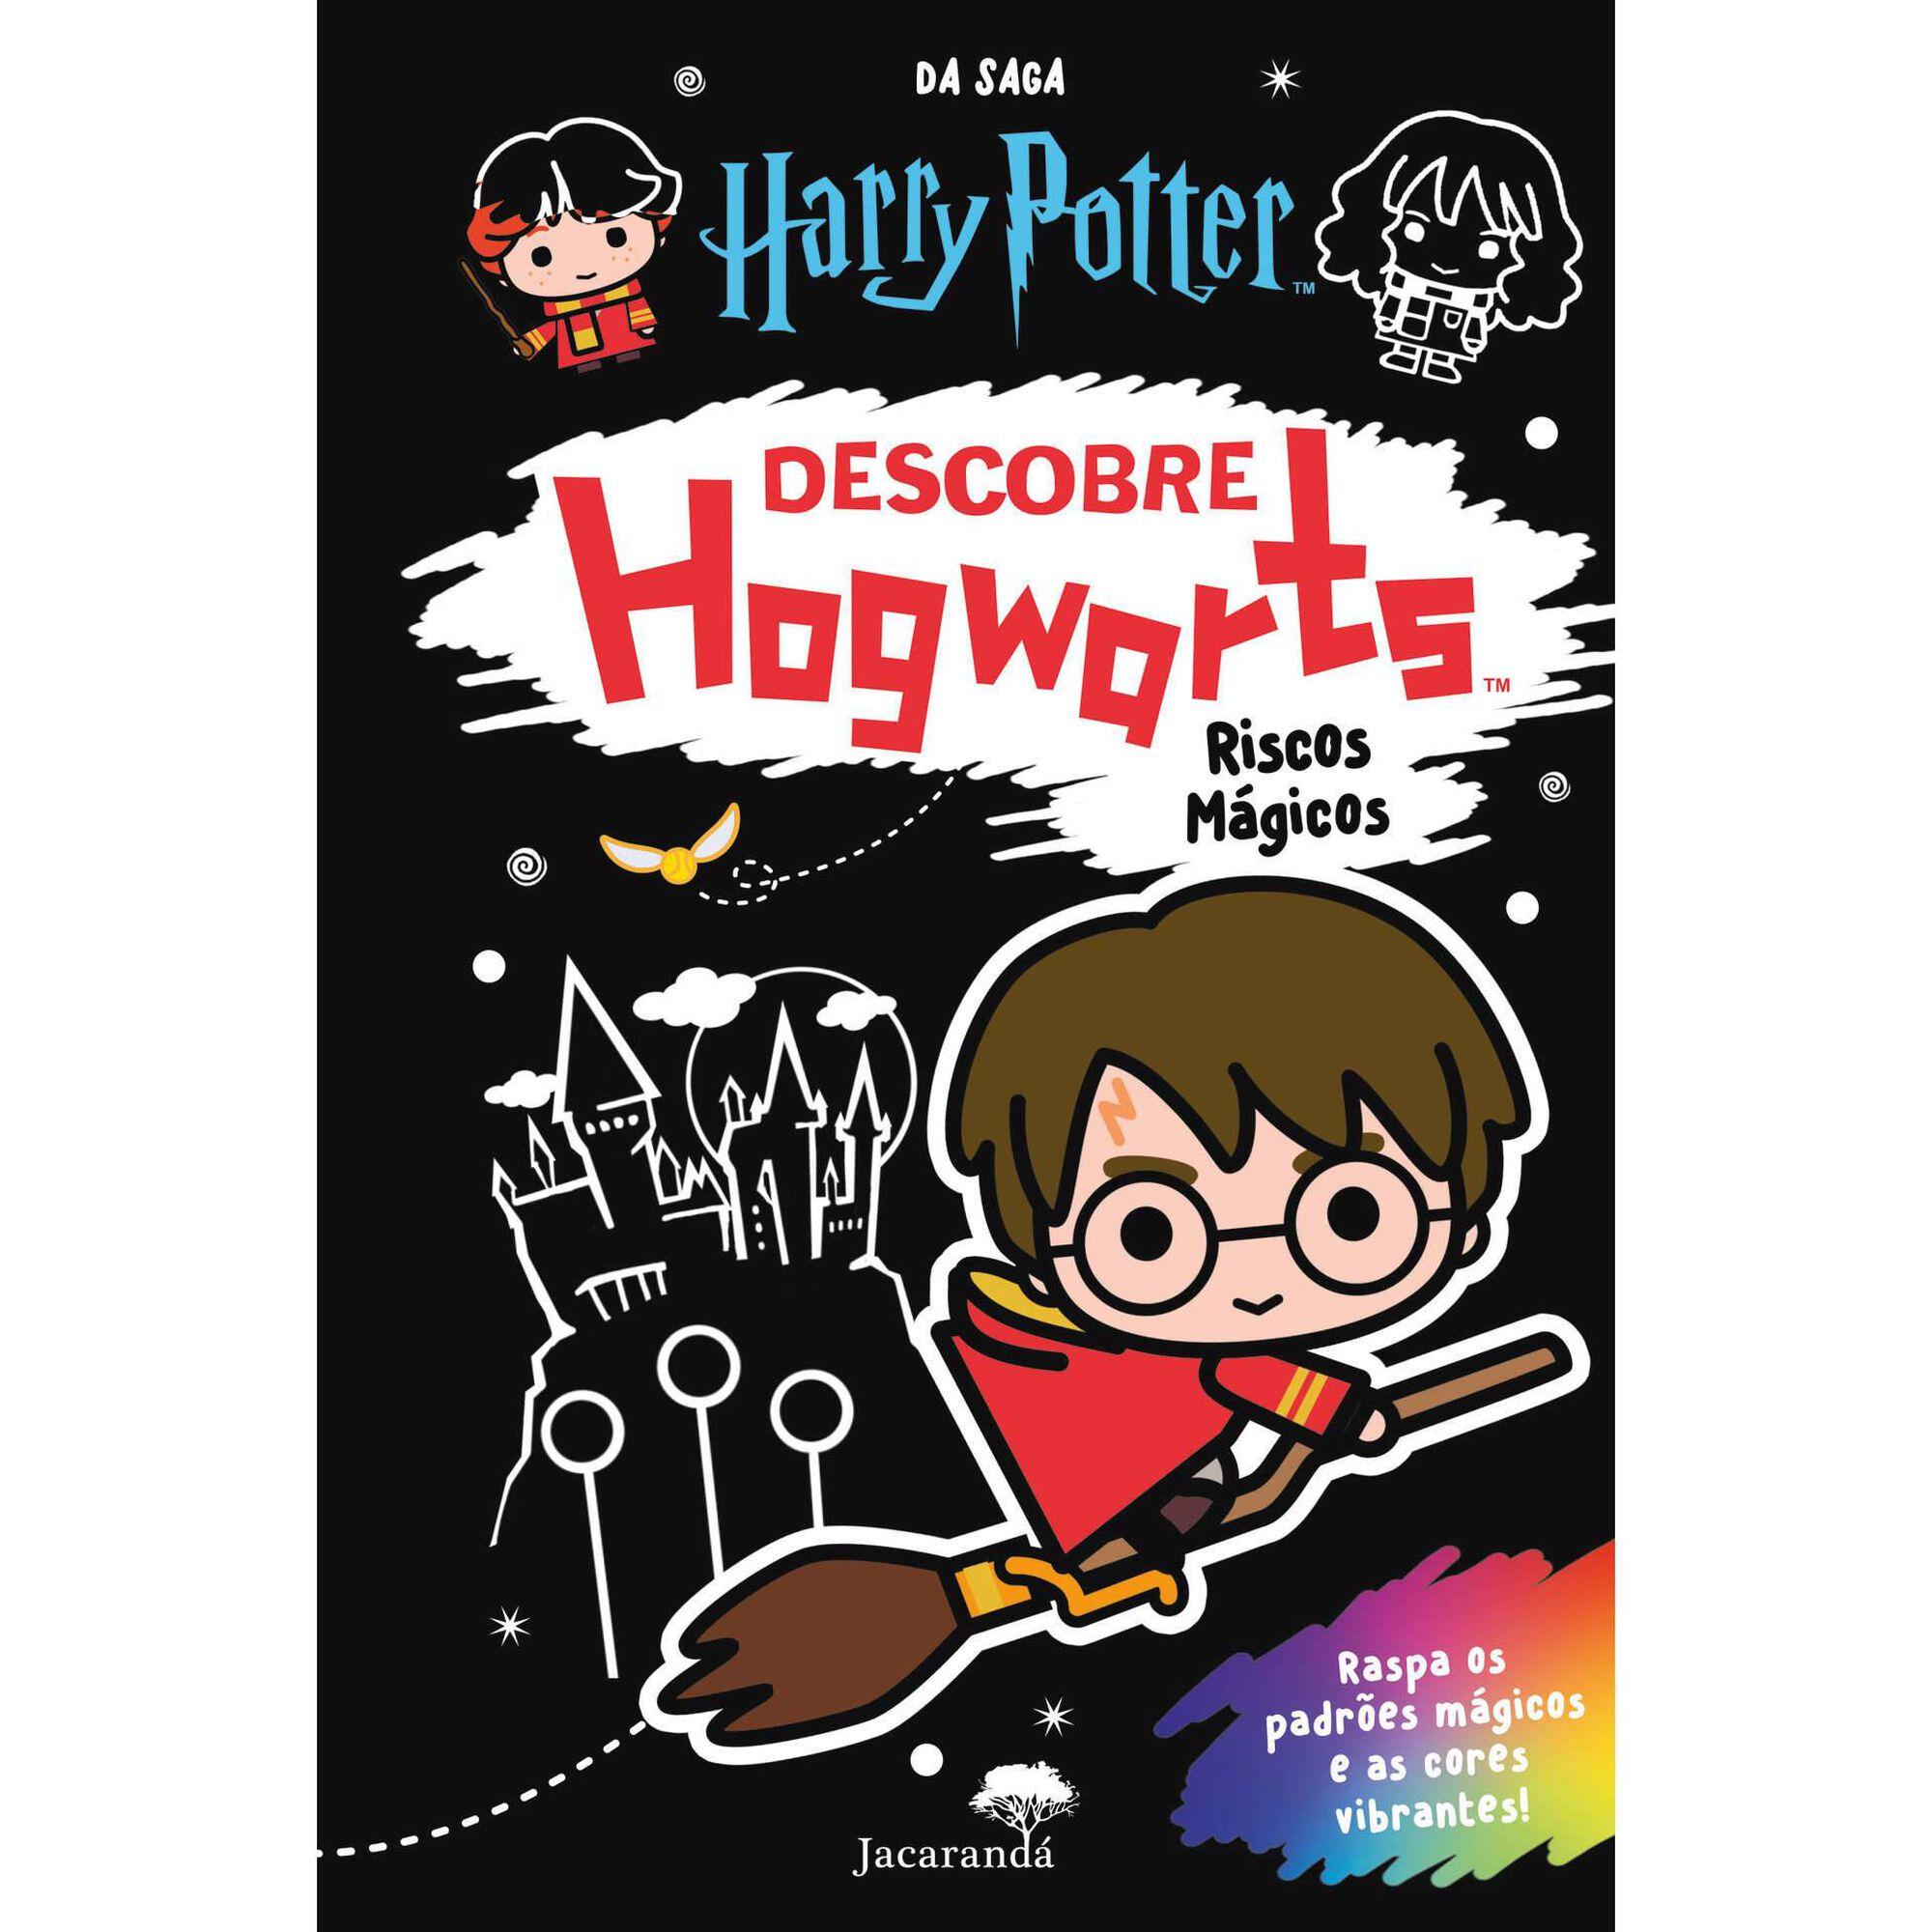 Descobre Hogwarts - Riscos Mágicos